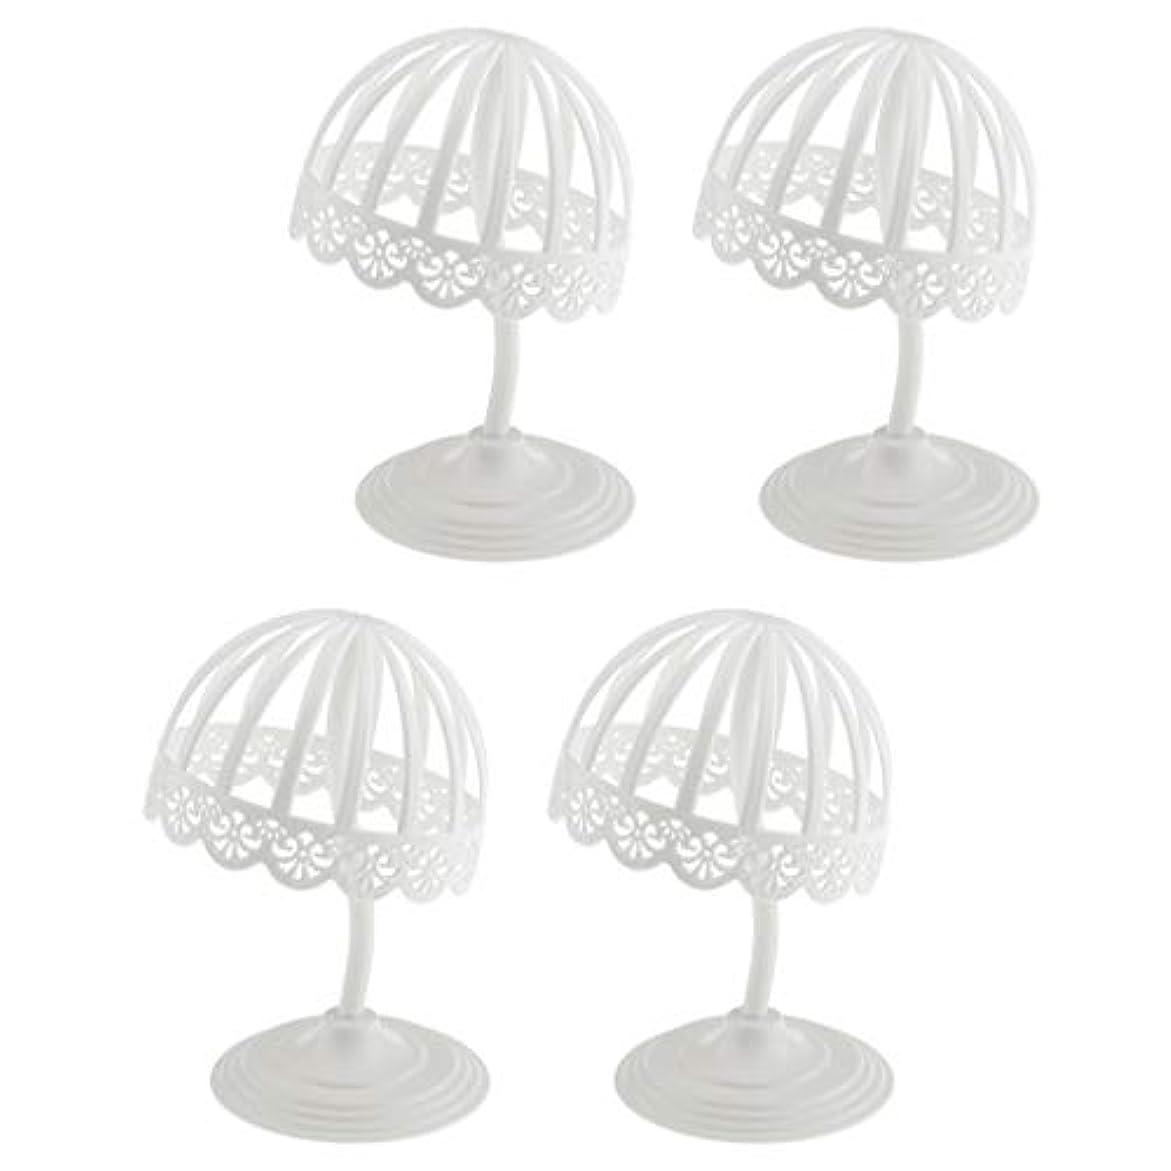 ホバー飾る換気4個セット ウィッグ スタンド 帽子 収納 ディスプレイ ホルダー プラスチック製 ホワイト